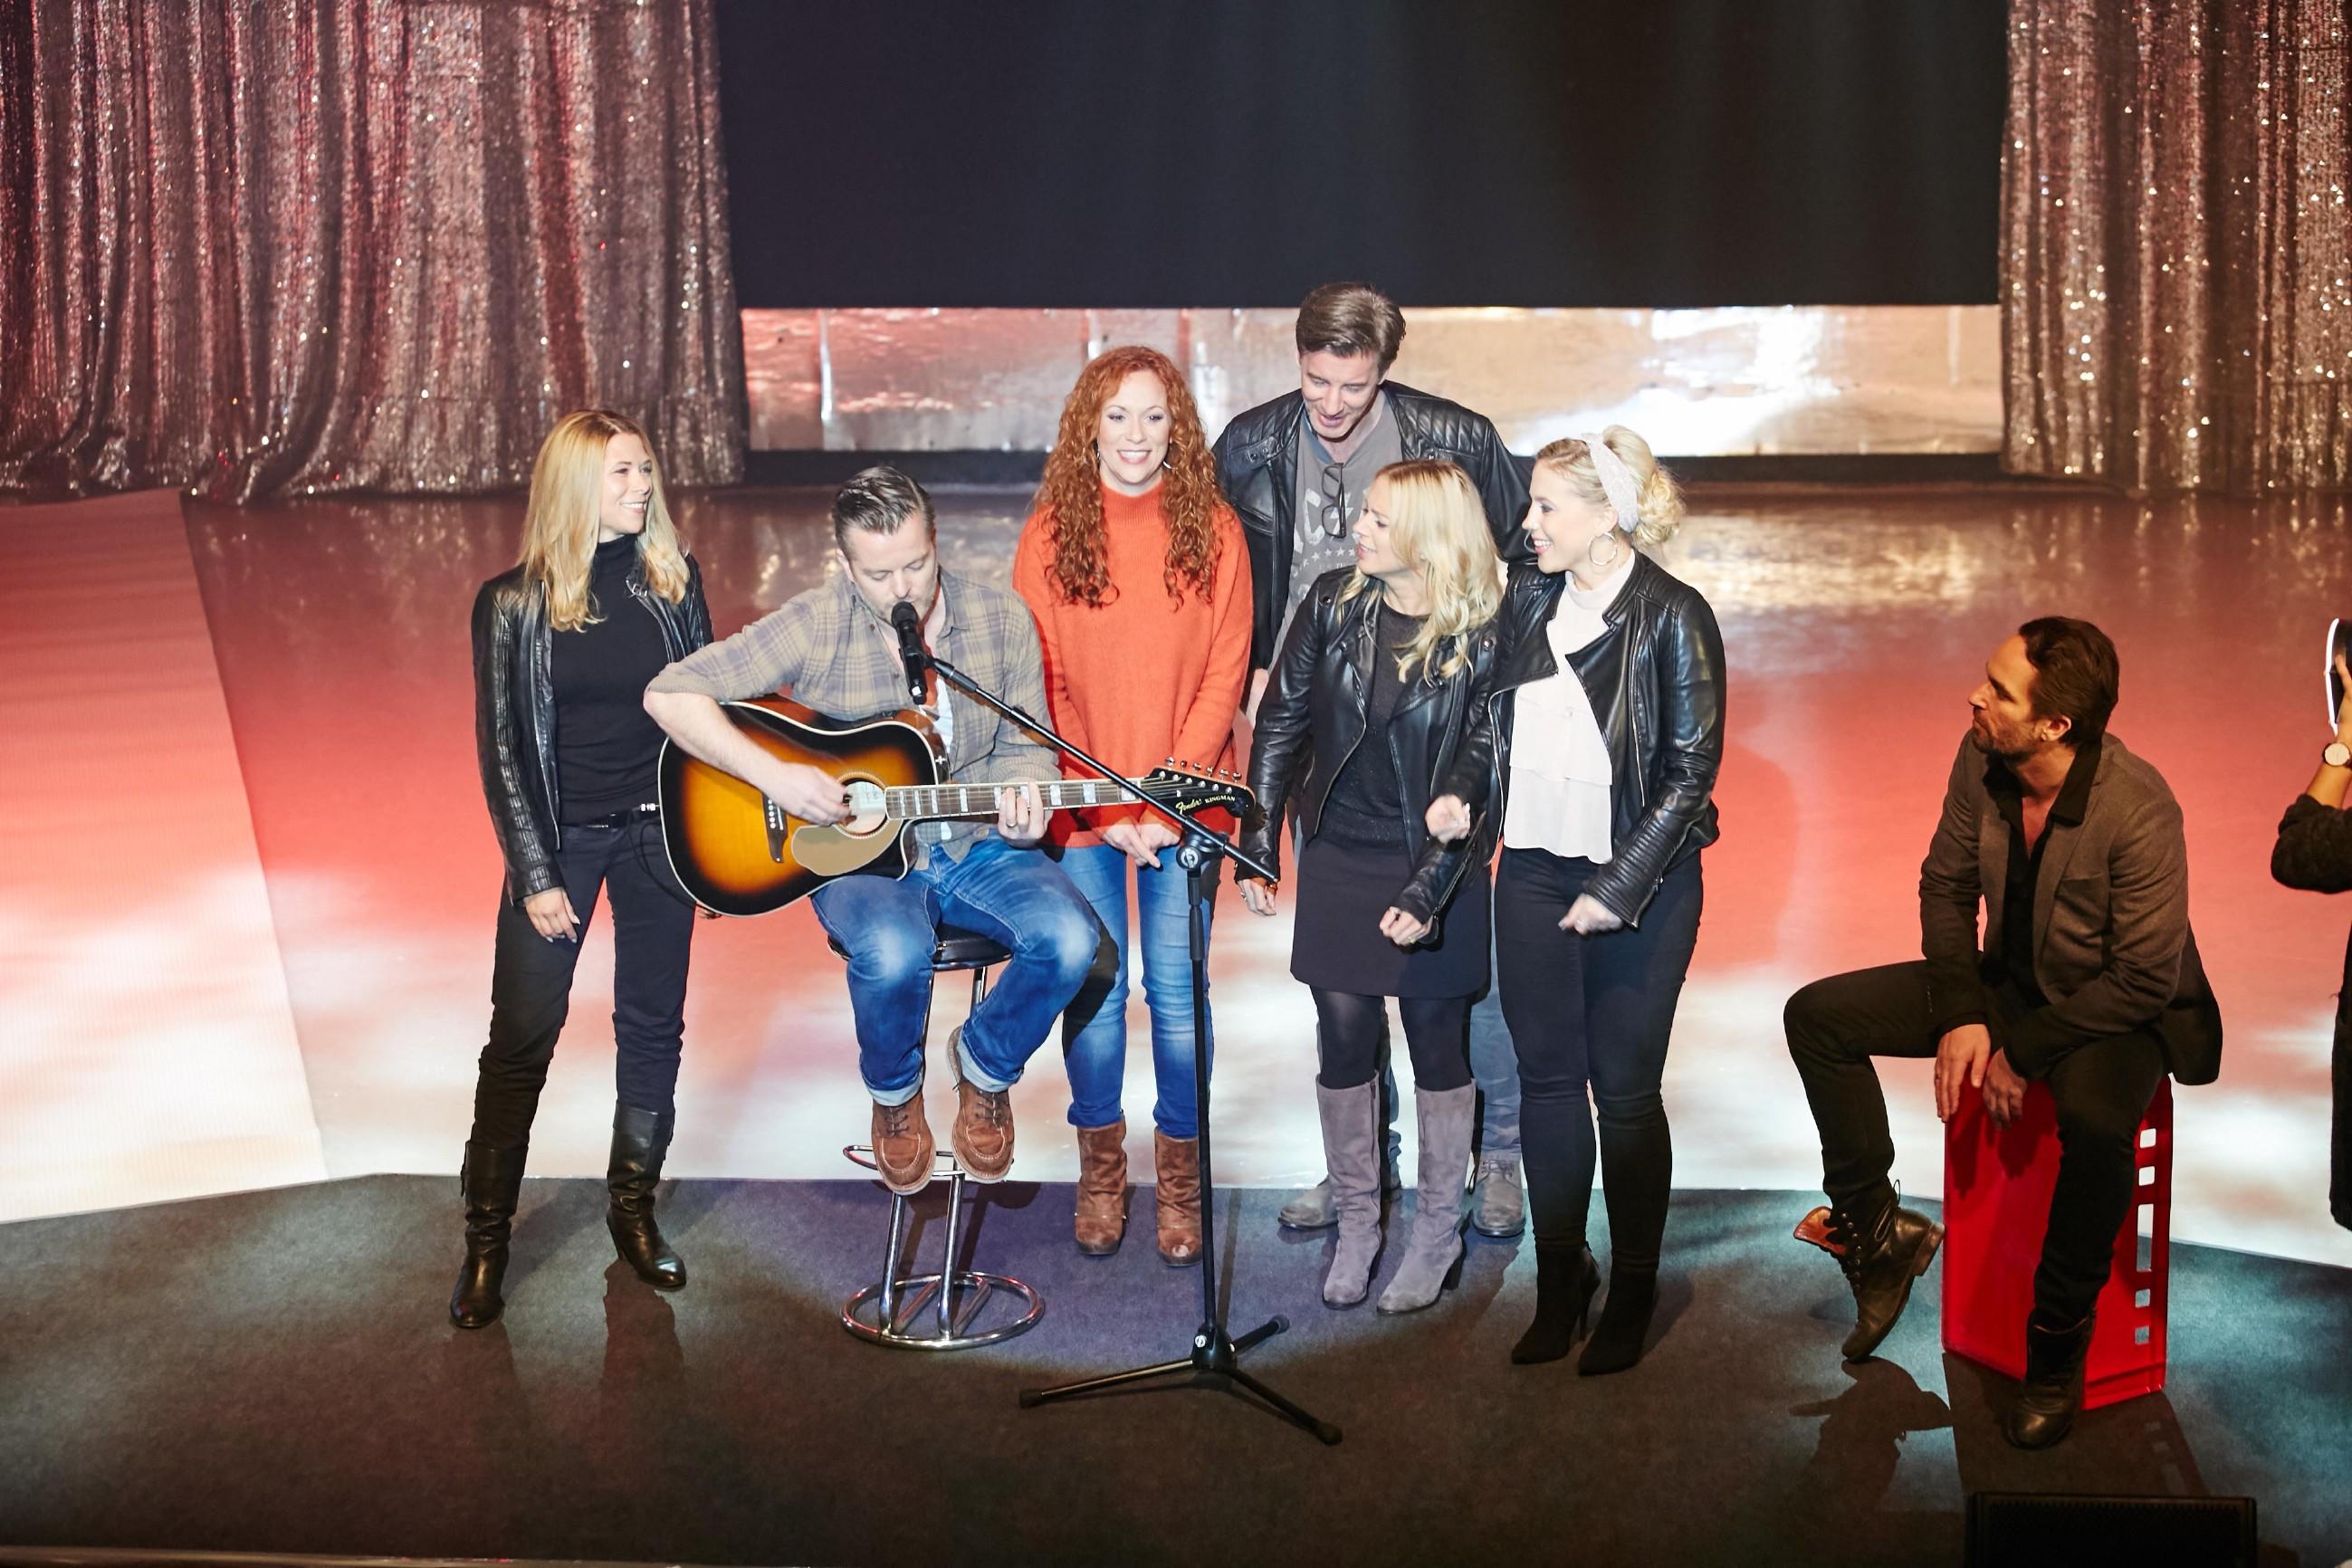 Tanja Szewczenko, André Dietz, Madlen Kaniuth, Lars Korten, Juliette Greco, Christina Klein und Daniel Brockhaus (v.l.) singen gemeinsam für ihre Fans.